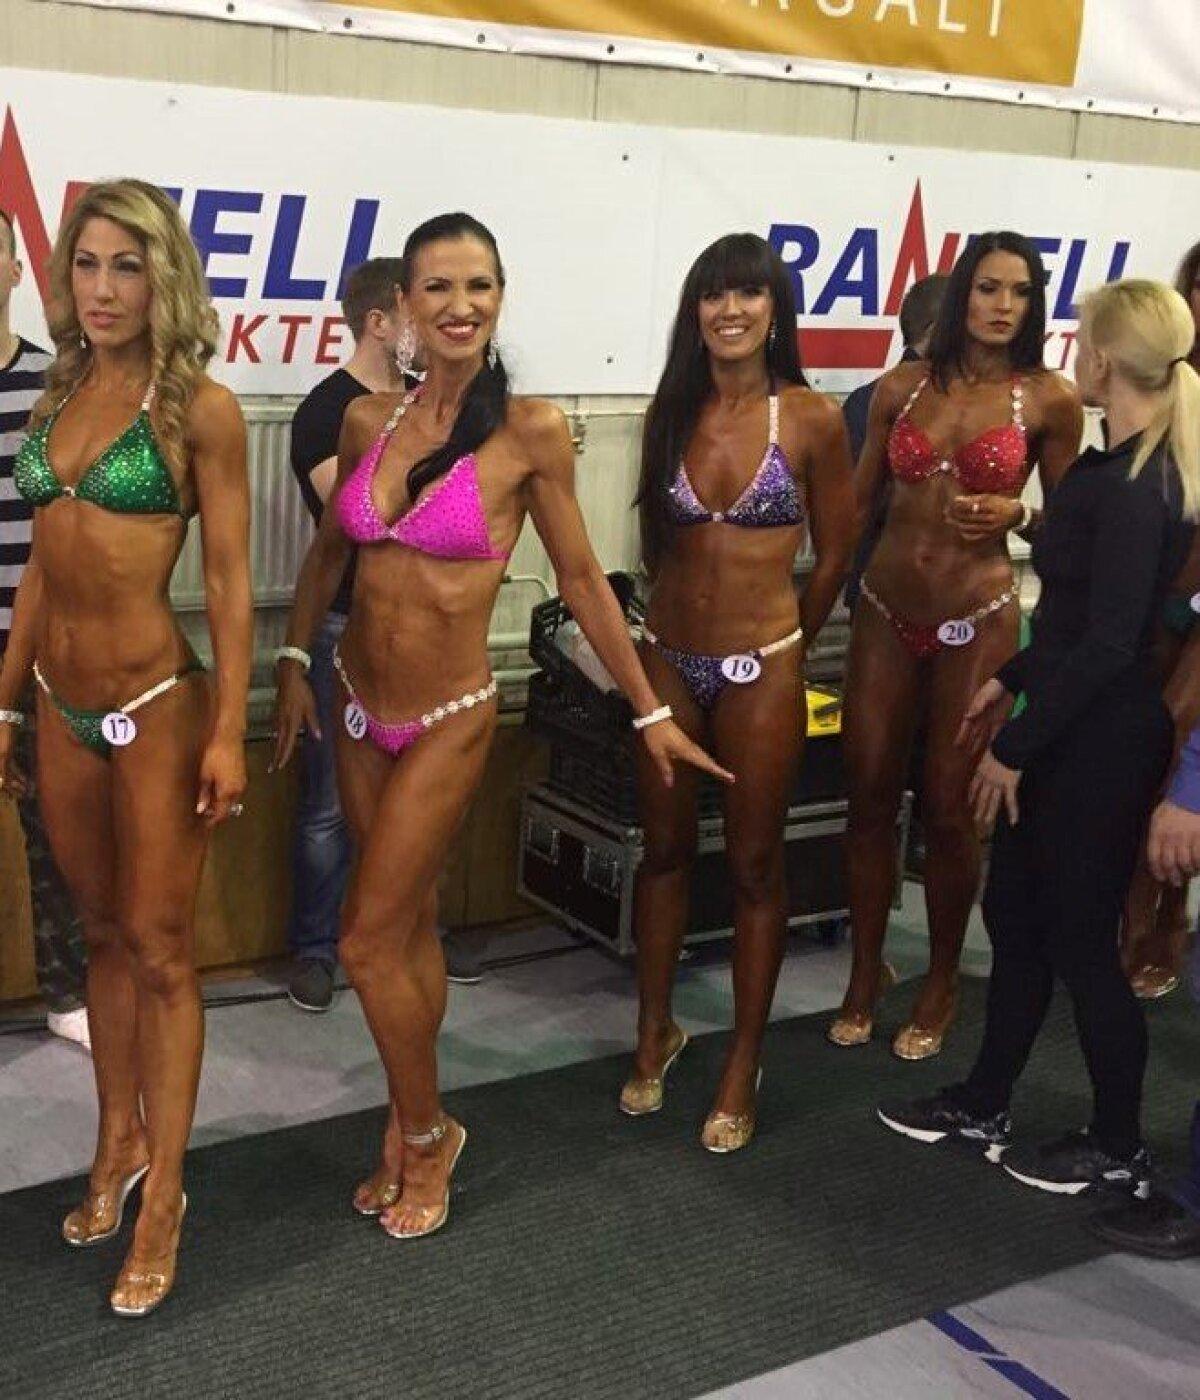 Bikiinivõistlusel koos tüdrukutega lavalemineku ootel.